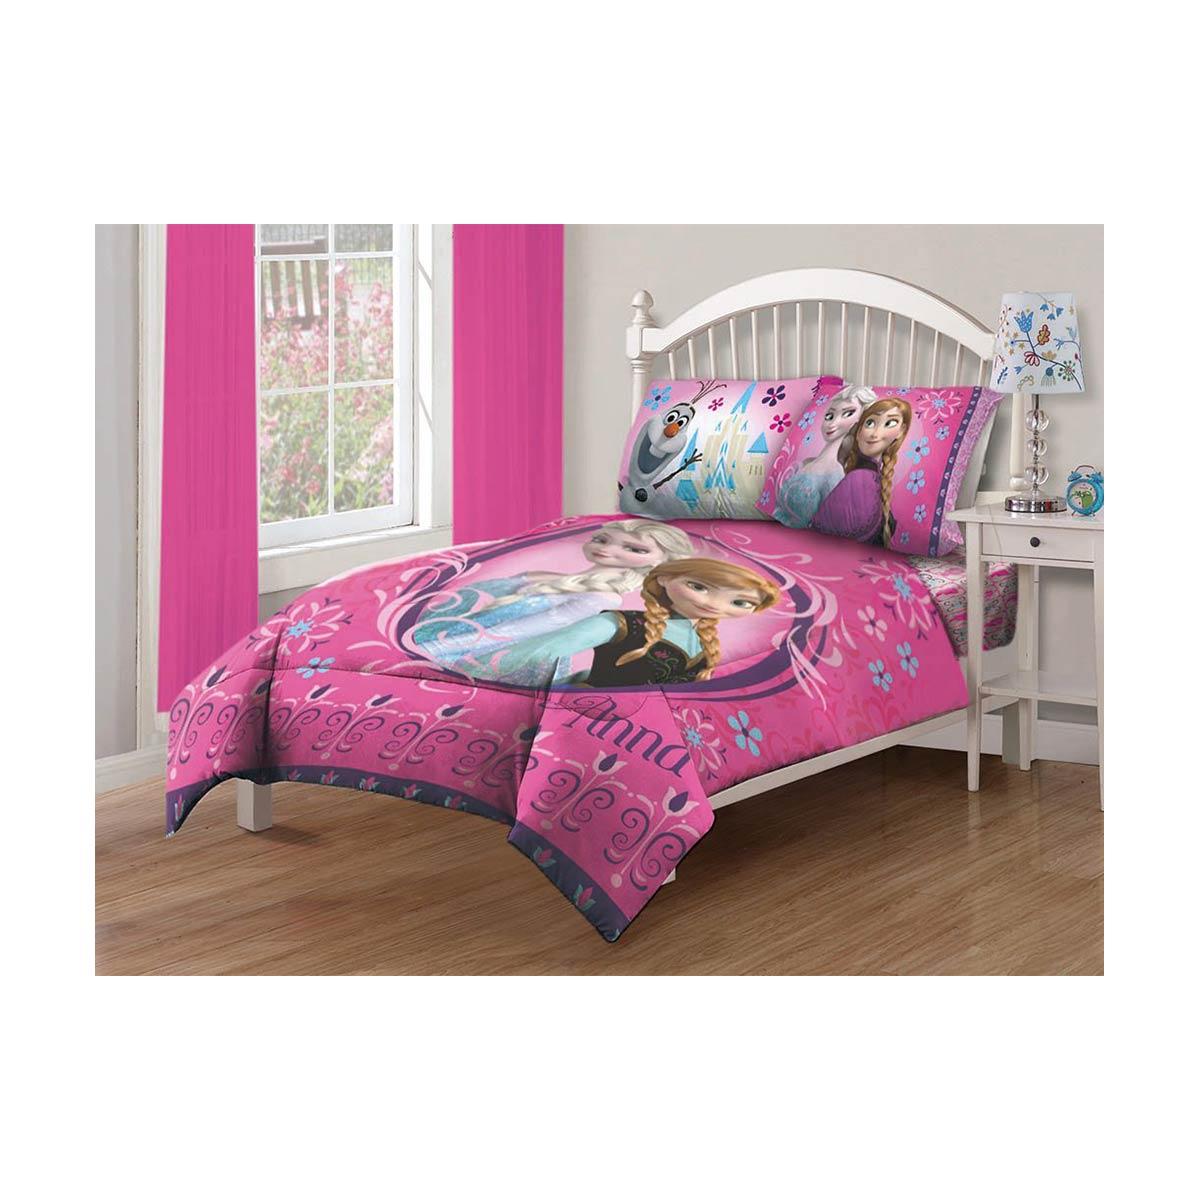 アナと雪の女王 ディズニー 寝具 ベッド グッズ シーツ コンフォーター 布団 セット ツイン フル ノルディックフローラル